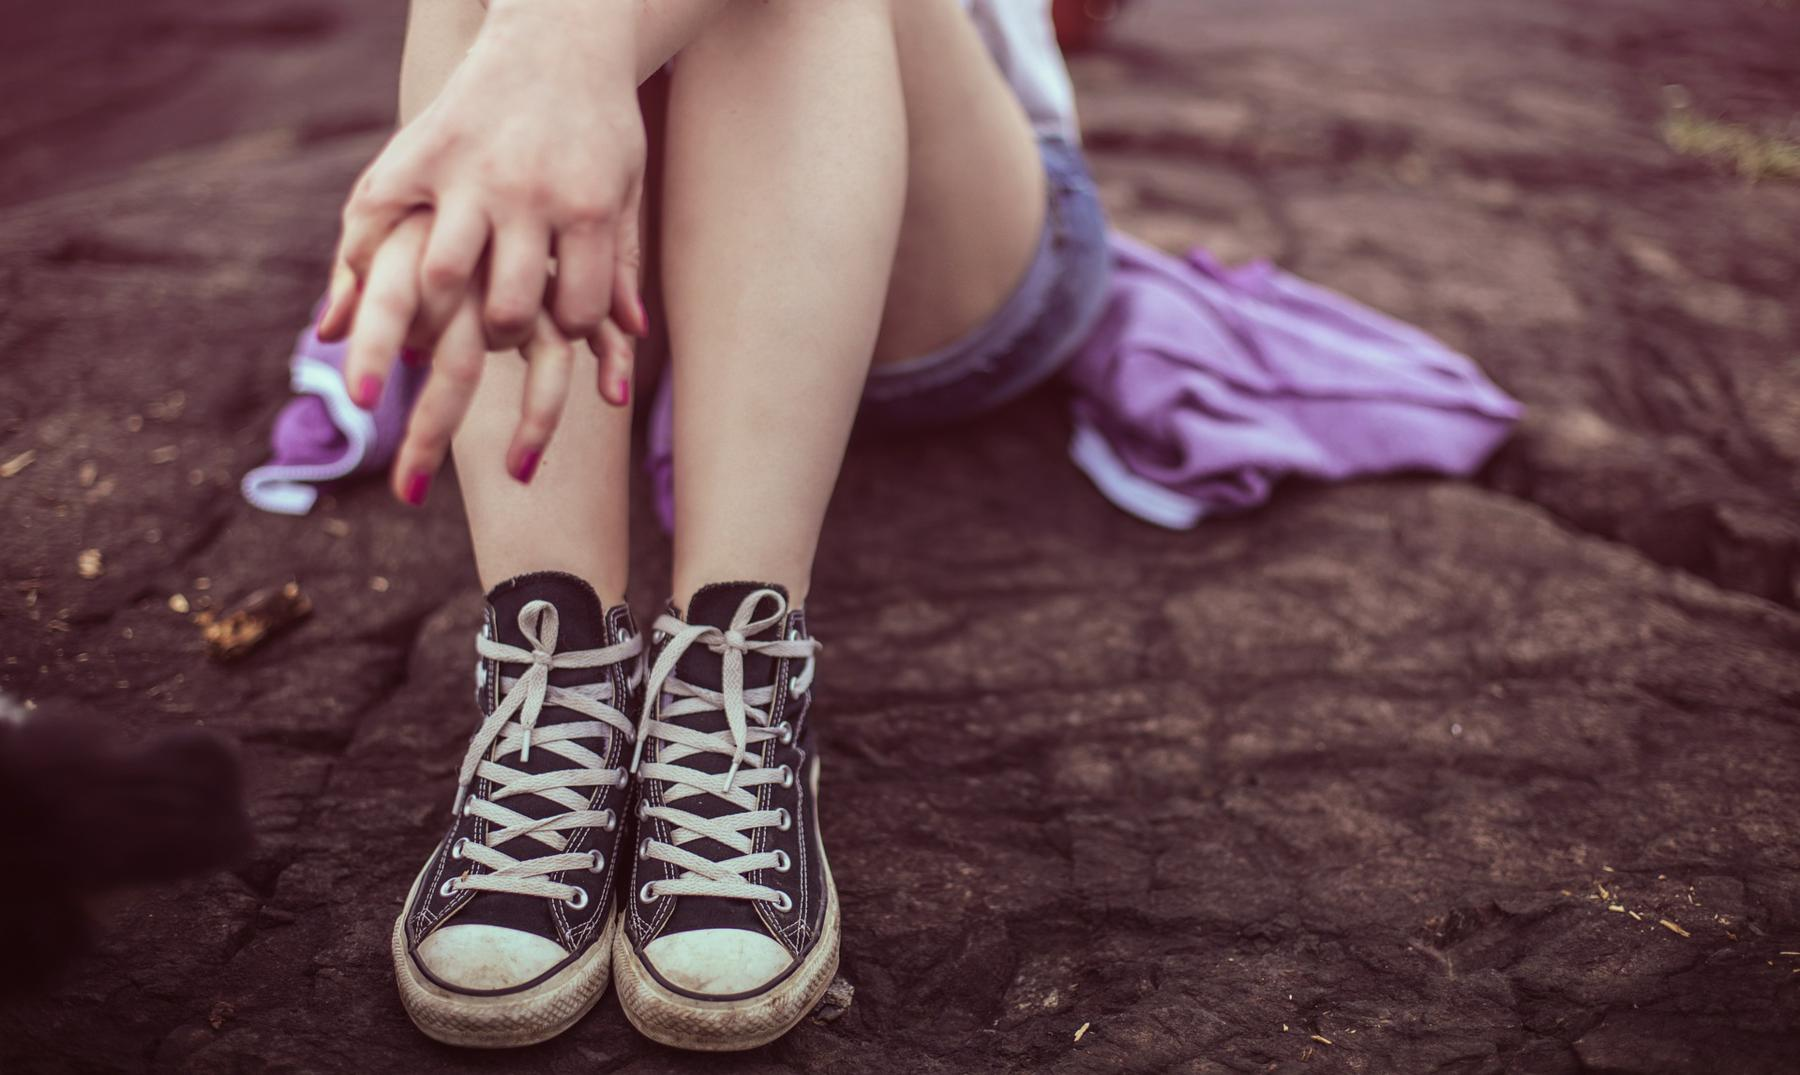 10 aspectos con los que un introvertido suele identificarse